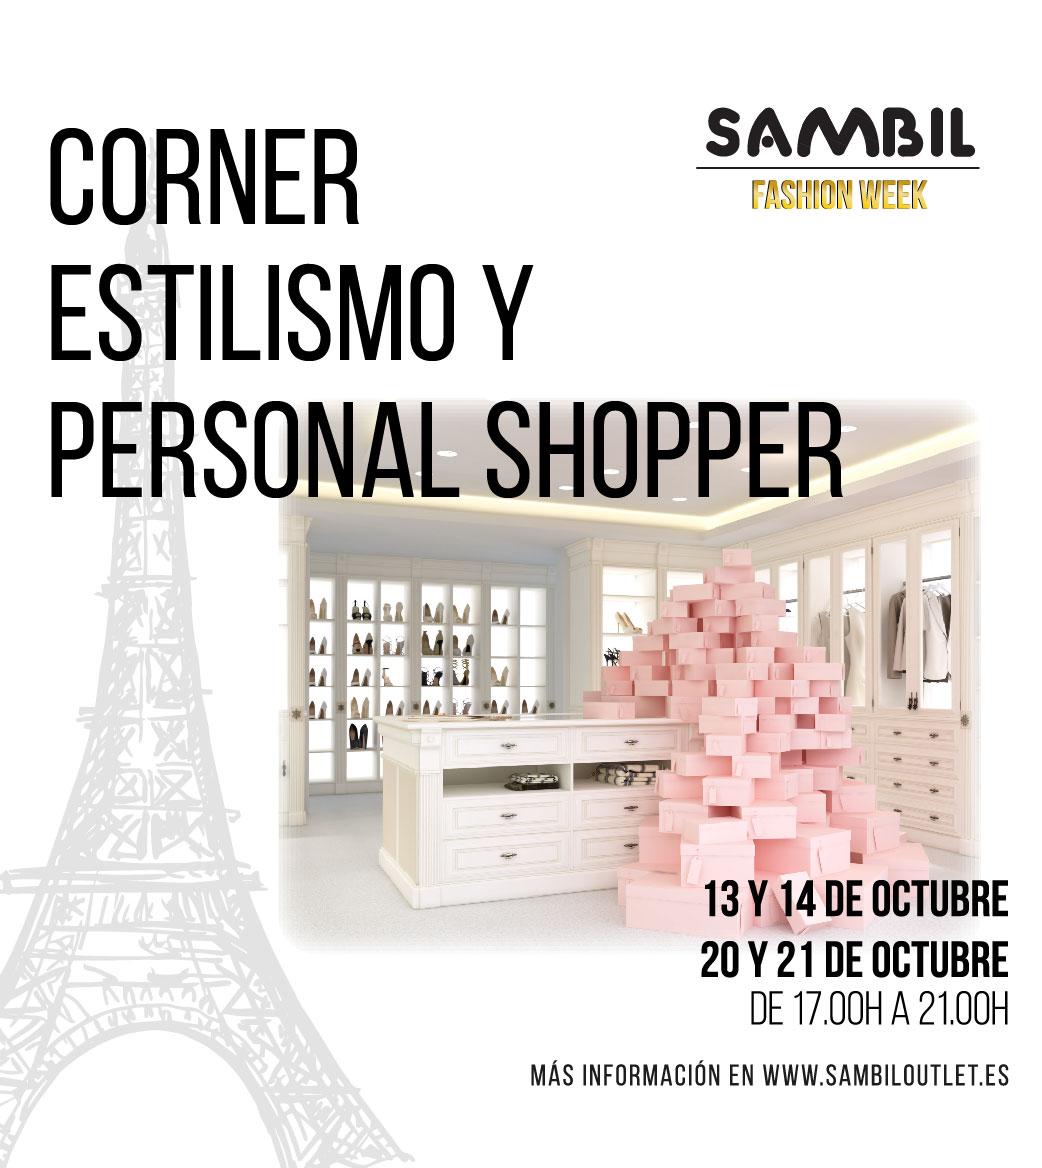 Corner de Estilismo y Personal Shopper